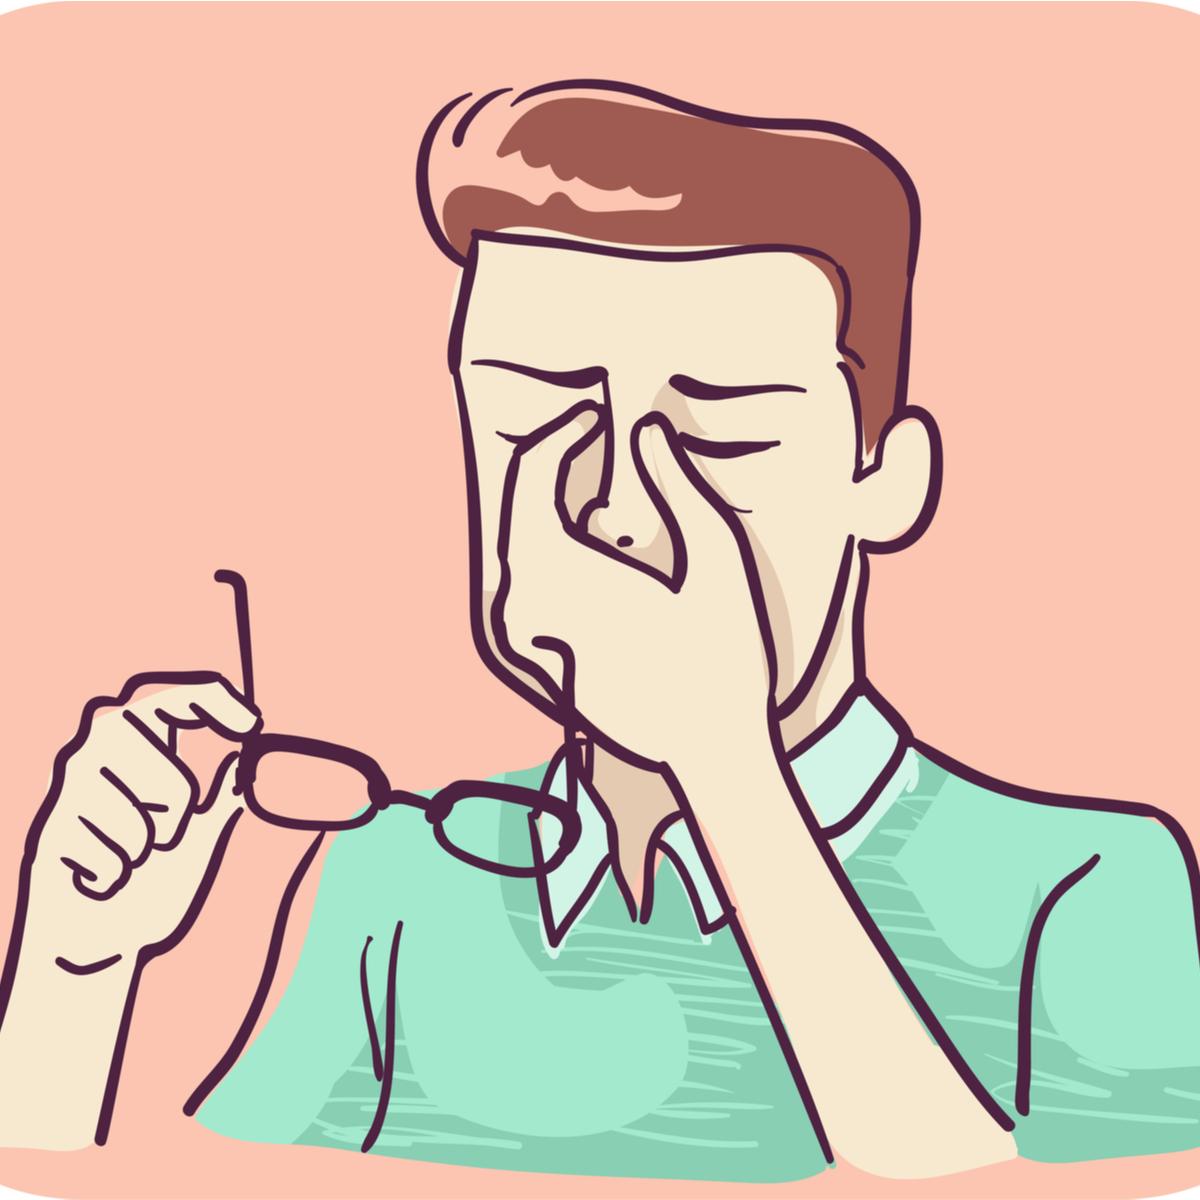 Aveți tulburări de vedere? Medicul explică ce aveți de făcut. Foto: Shutterstock